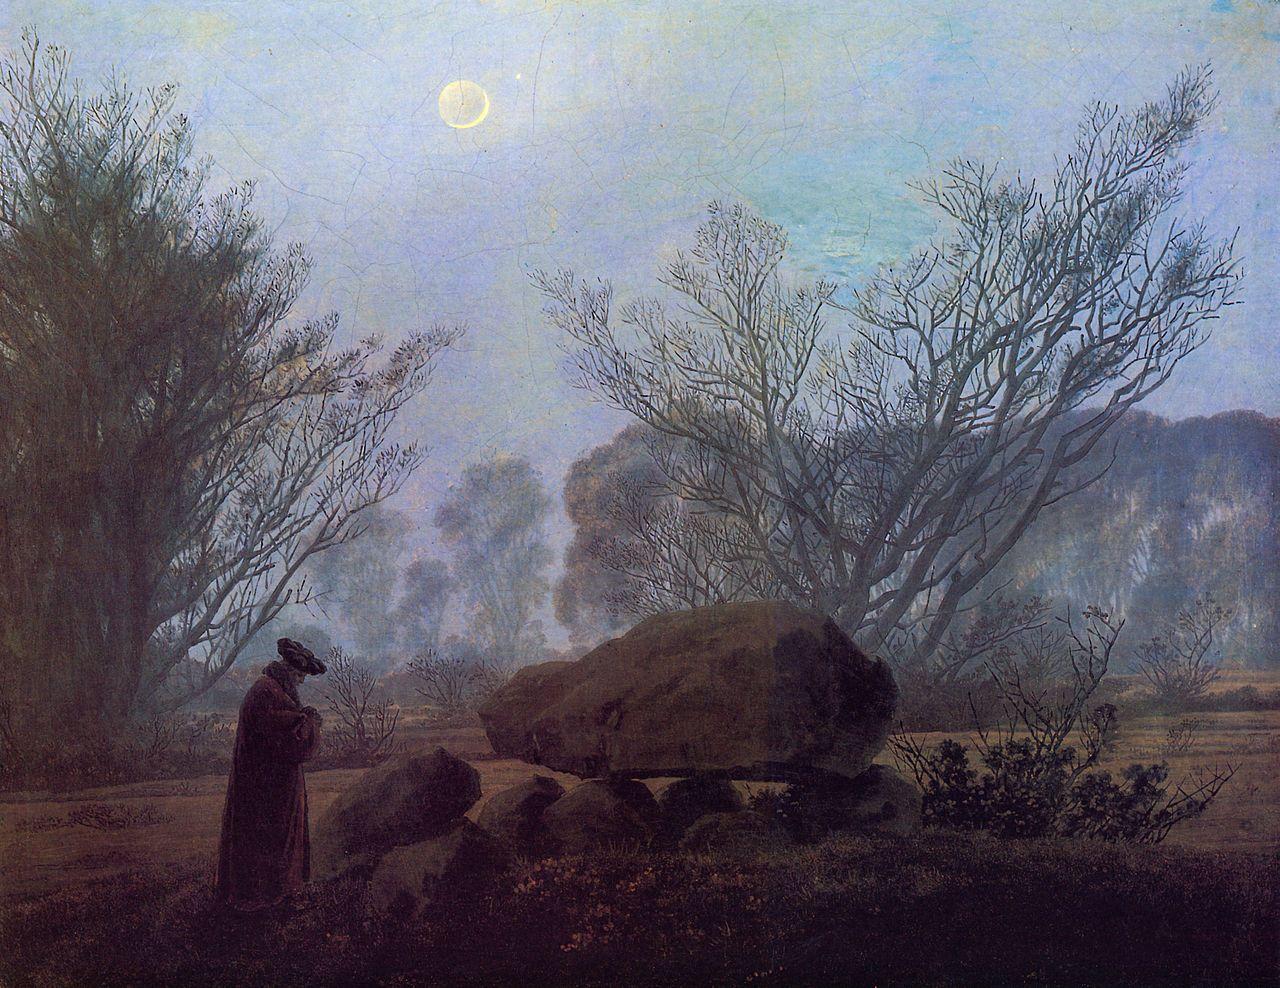 Caspar David Friedrich - Spaziergang in der Abenddämmerung, ca. 1835